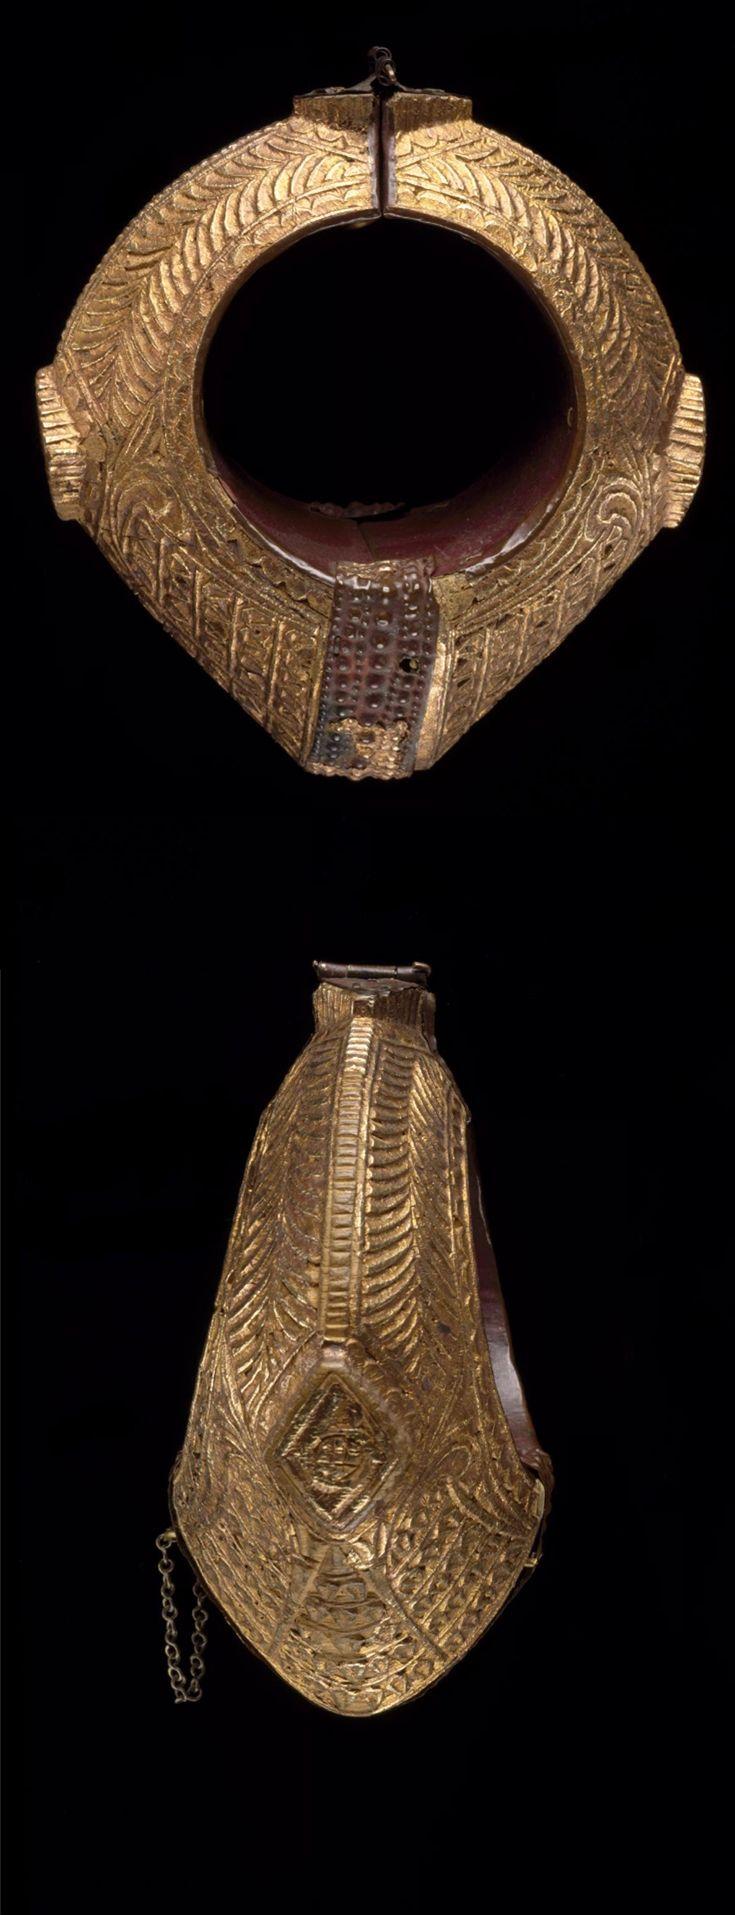 Indonesia | Pair of bracelets; gold over wood |  Early 20th century | Minangkabau people, West Sumatra || {GPA}